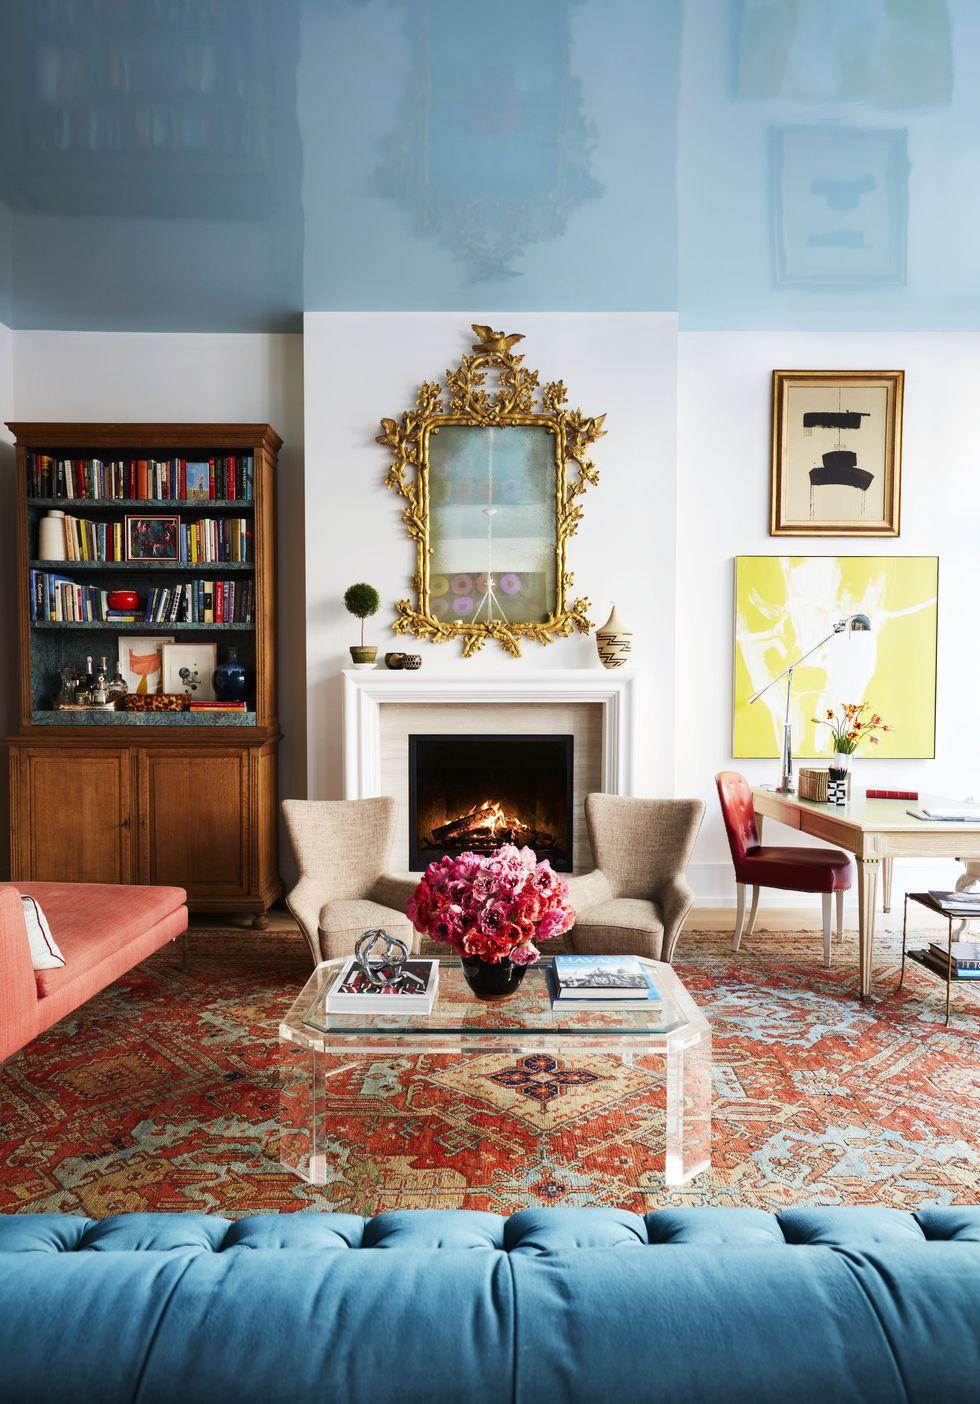 nick-olsen-lacquer-ceiling-blue-1548866497 (1).jpg